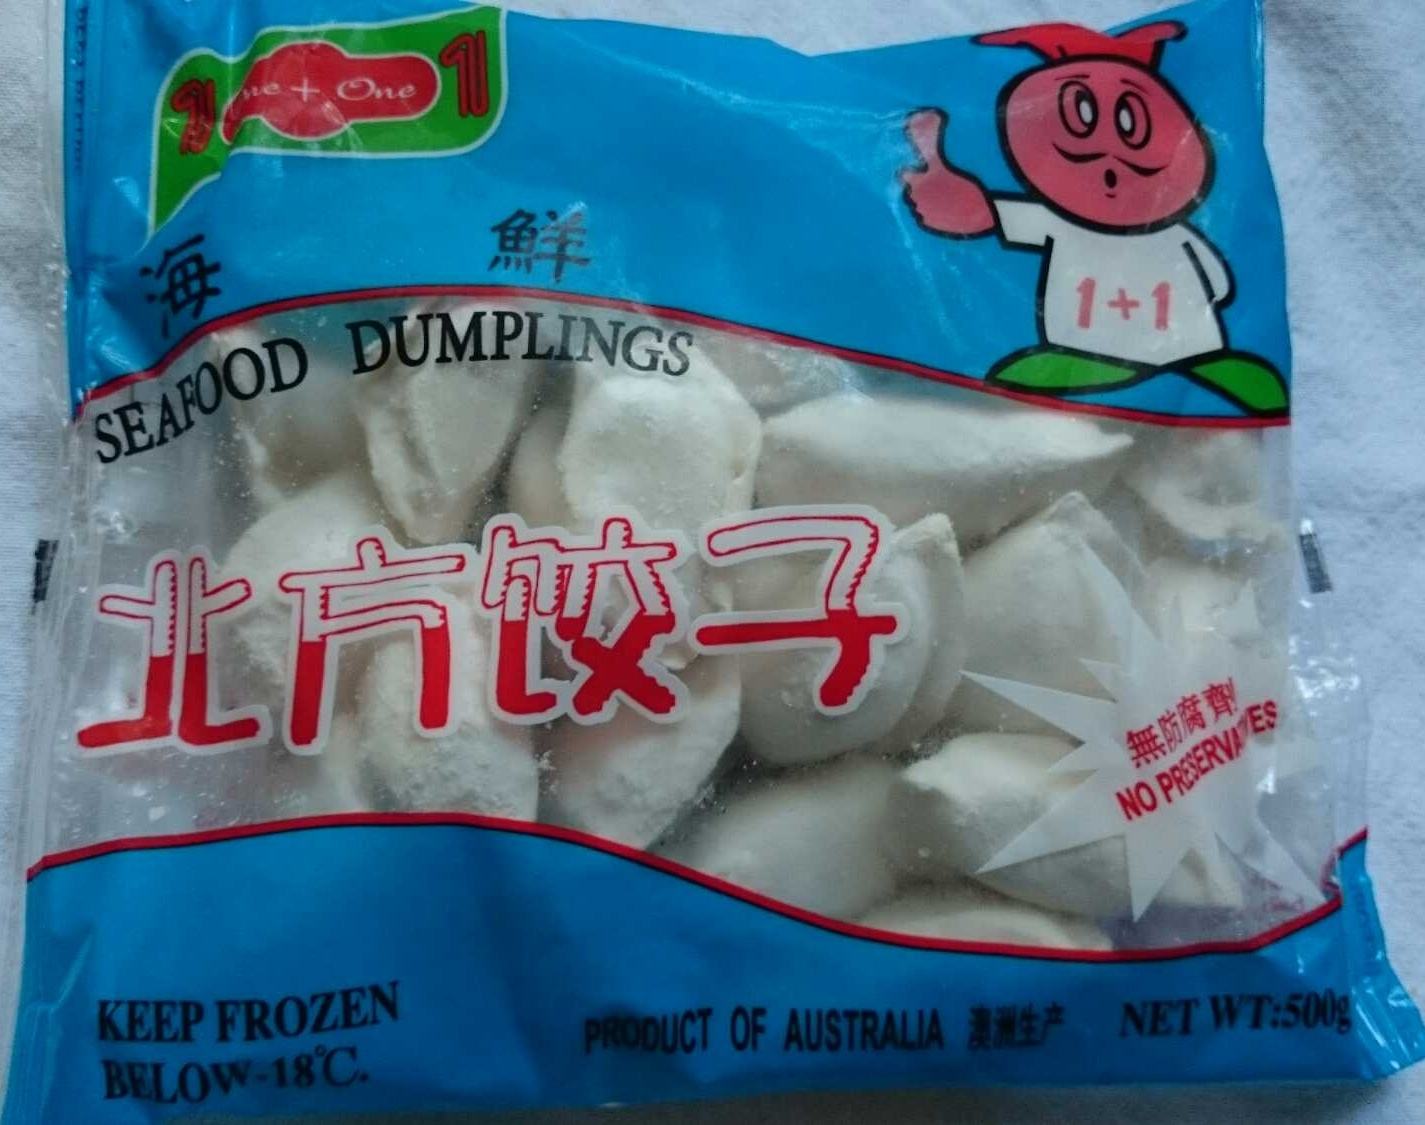 Seafood Dumplings - Product - en